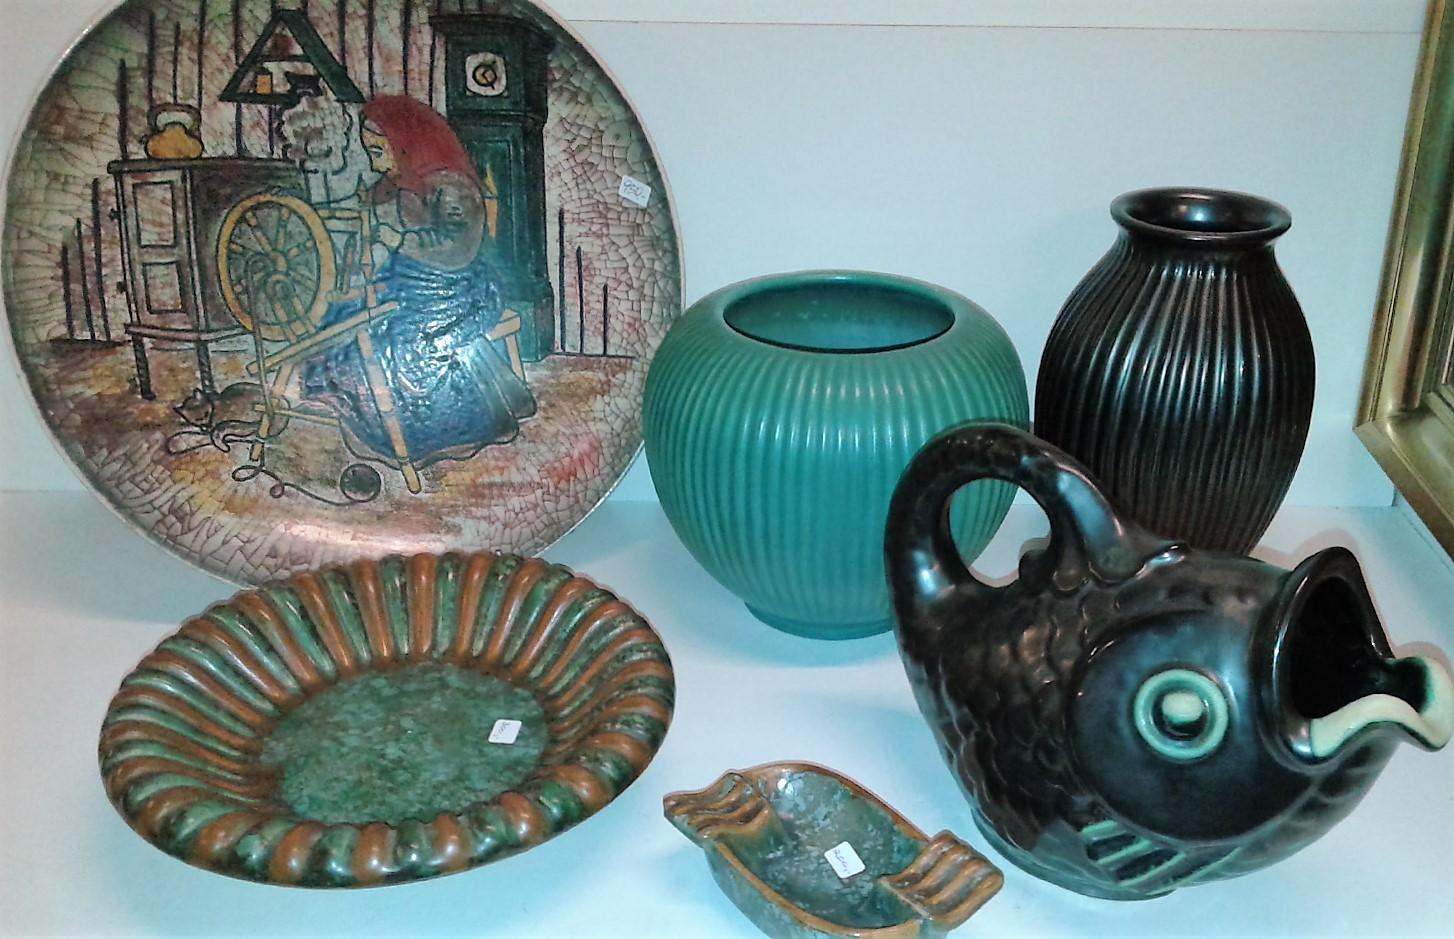 keramik michael andersen MICHAEL ANDERSEN & søn OG JOHGUS KERAMIK POTTERY BORNHOLM DANMARK keramik michael andersen